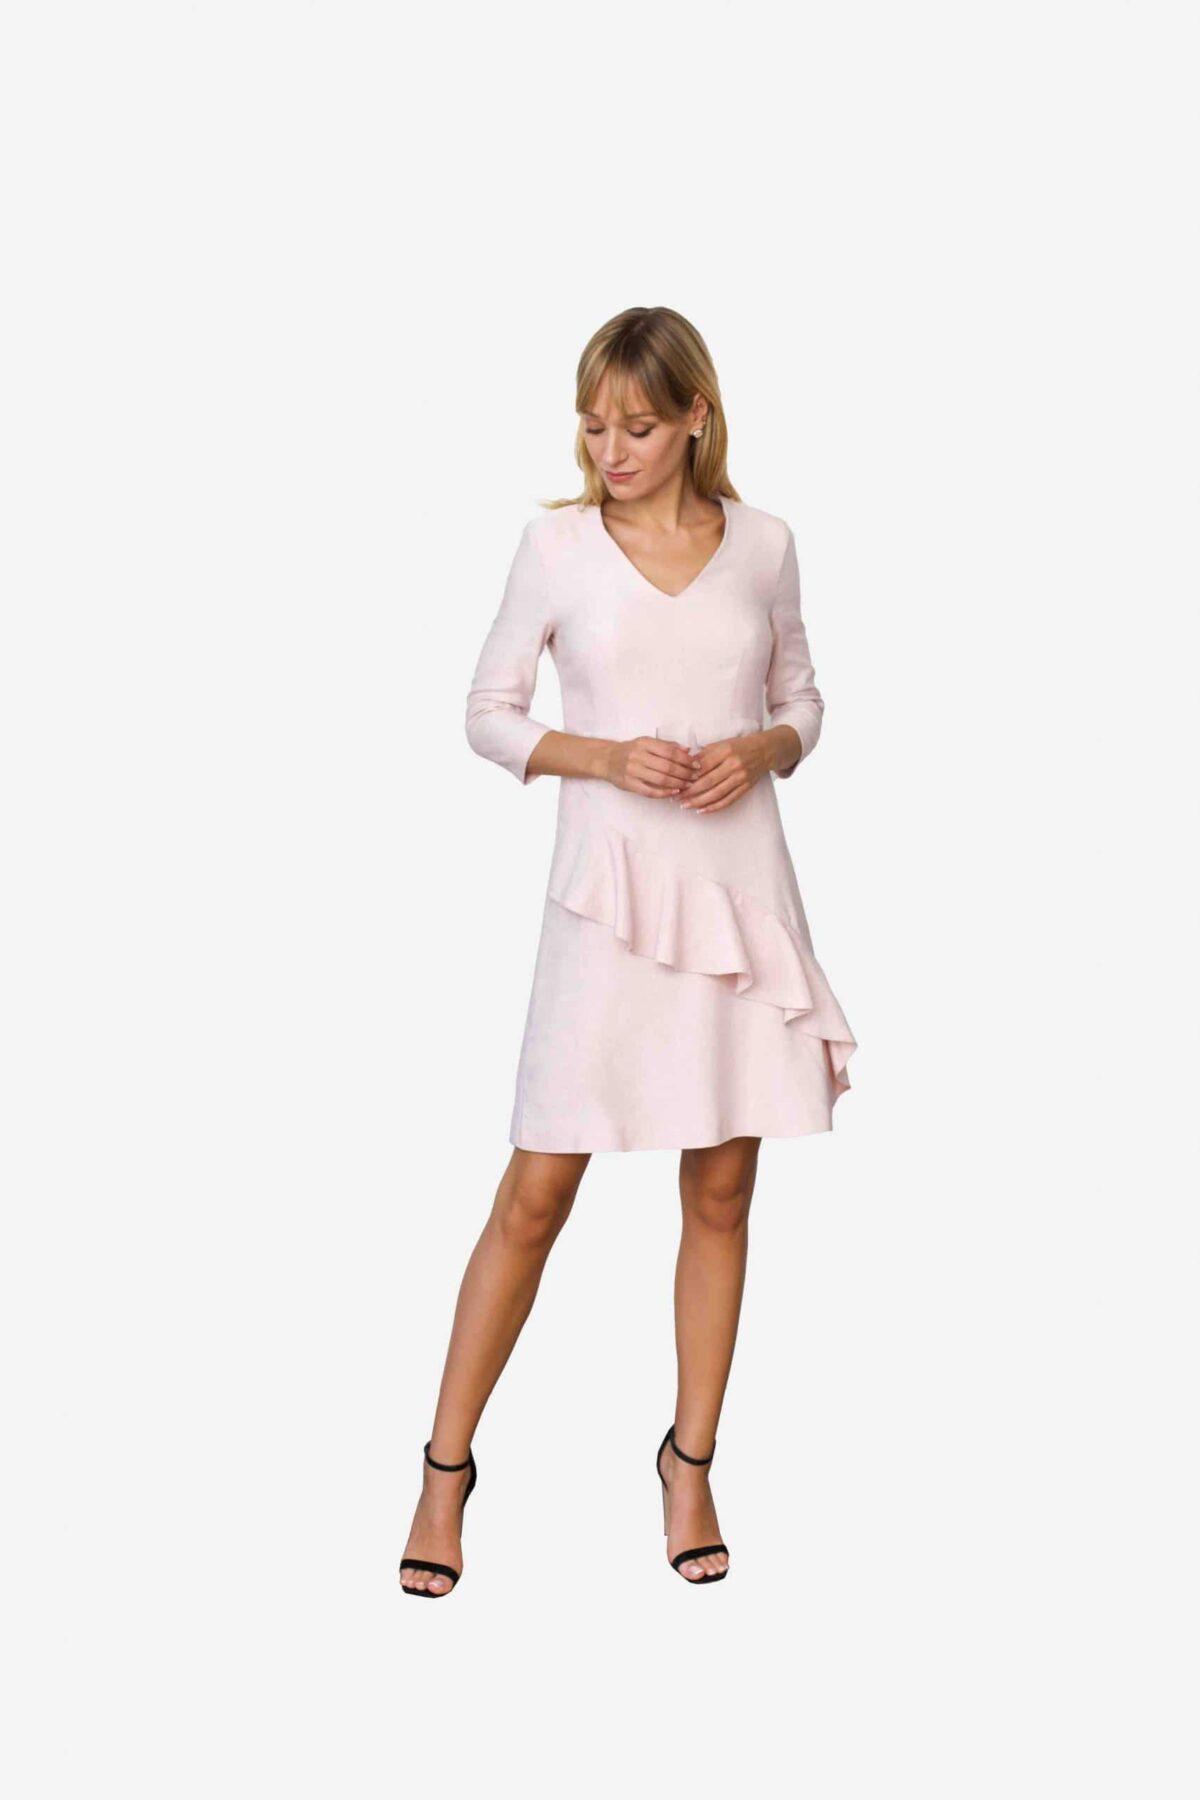 Kleid Jane von SANOGE. Rose Etuikleid mit Volant und V Ausschnitt und 3/4 Arm.